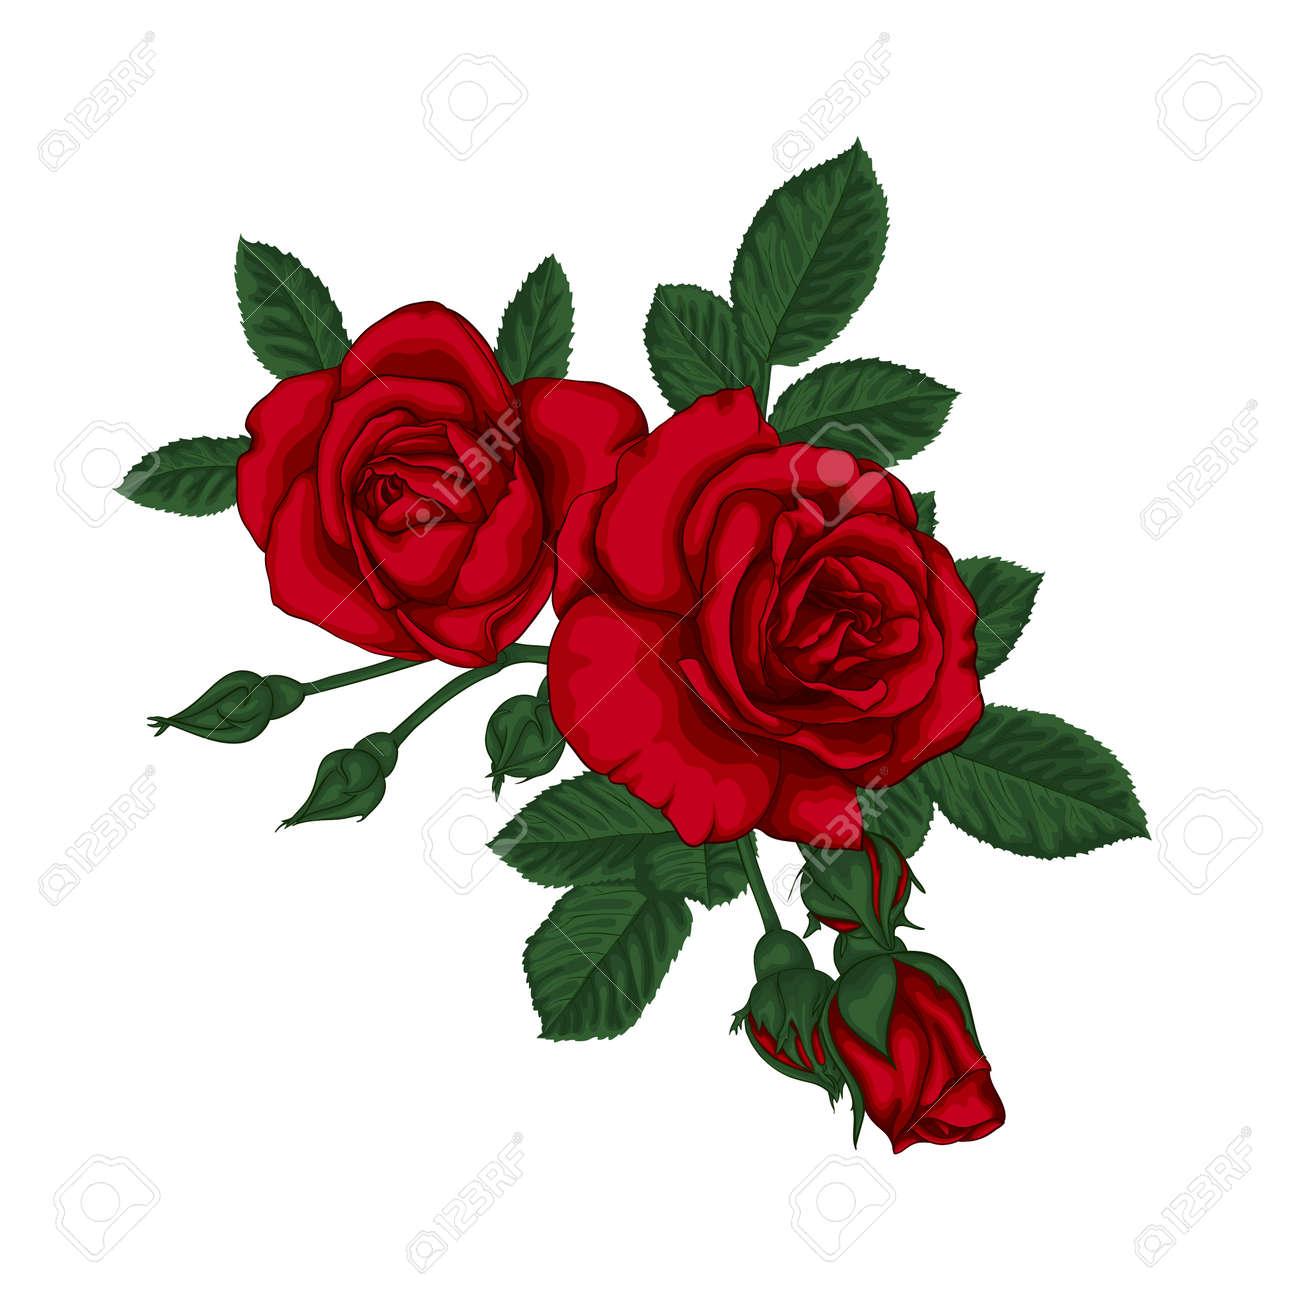 Hermoso Ramo Con Rosas Rojas Y Hojas Arreglo Floral Tarjeta De Felicitación De Diseño E Invitación De La Boda Cumpleaños Día De San Valentín El